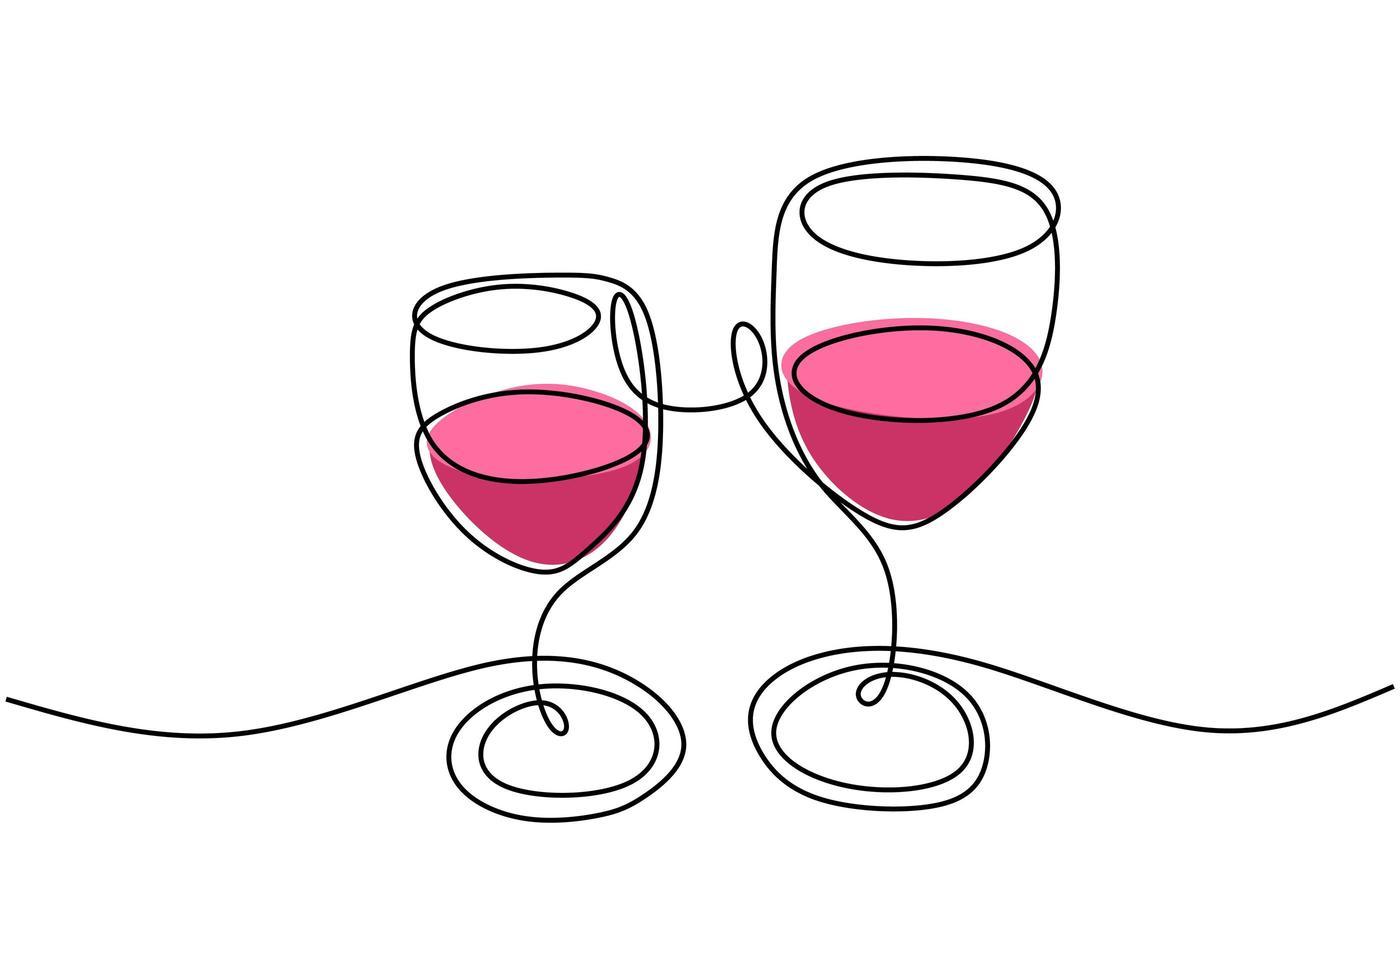 continu een lijntekening, vector van cheers, twee glazen rode wijn, feestviering met alcohol. minimalisme ontwerp met eenvoud hand getekend geïsoleerd op een witte achtergrond.